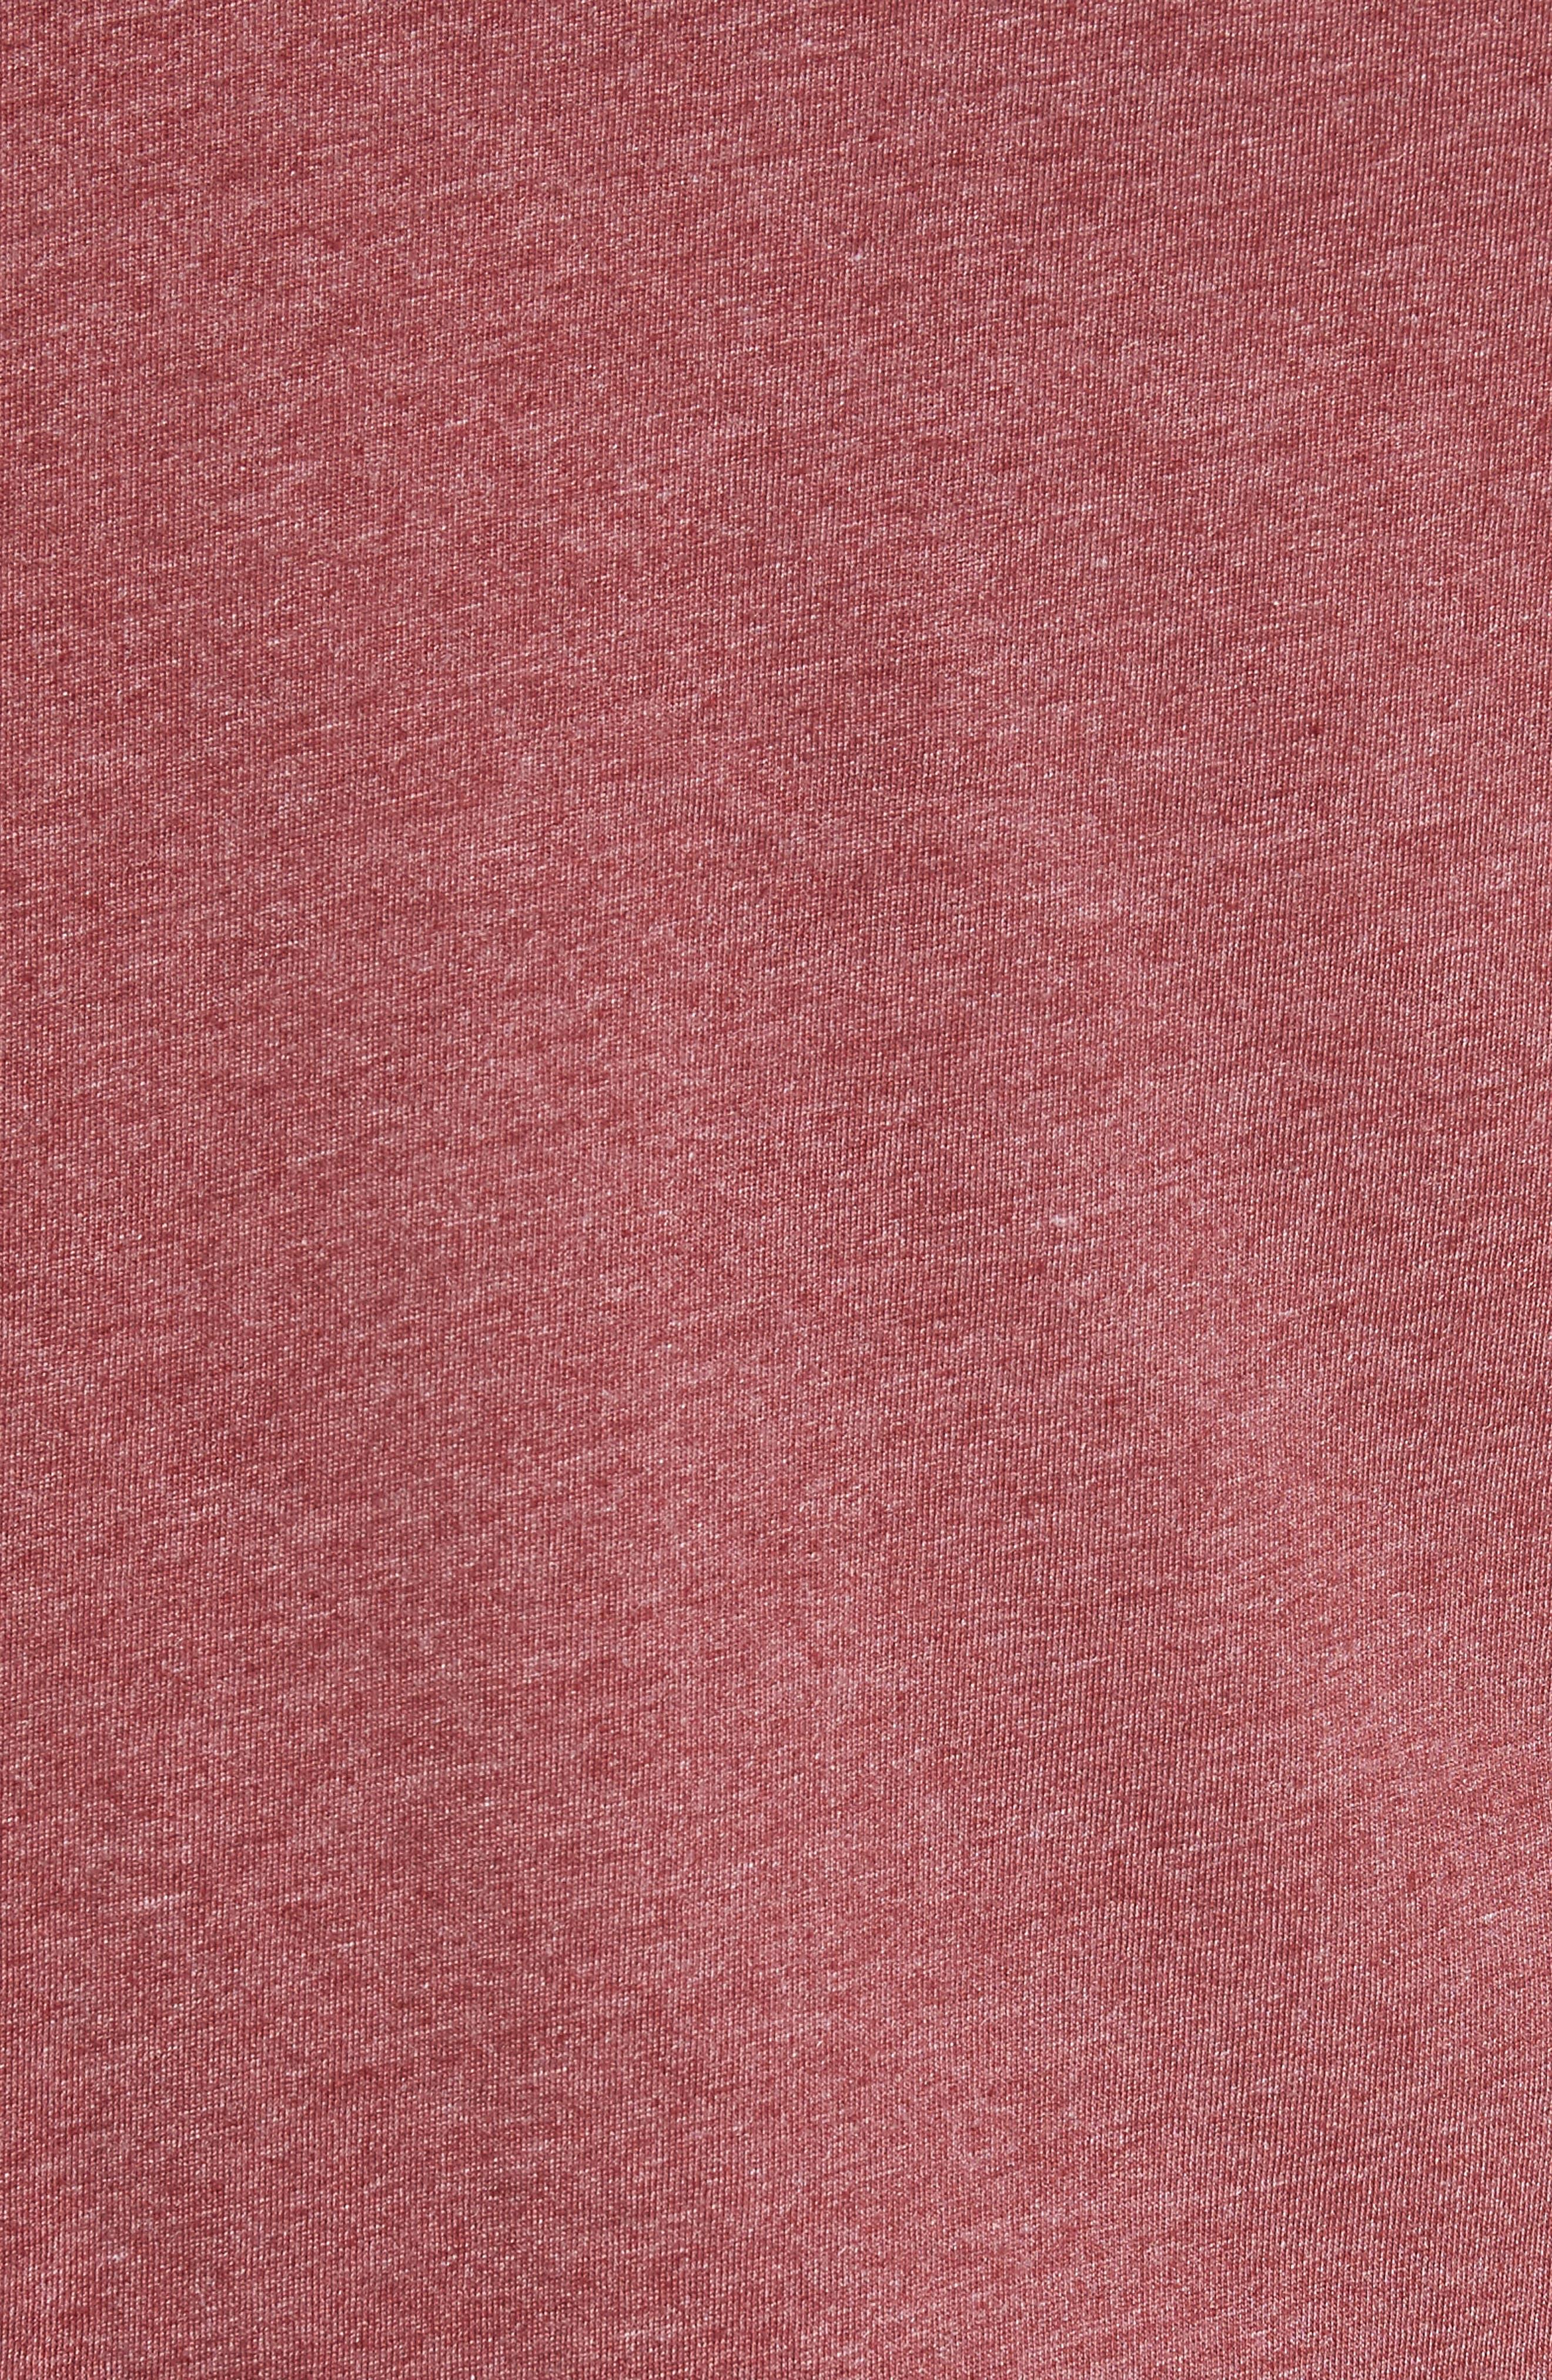 Alternate Image 5  - Vans Everyday Embroidered Pocket T-Shirt